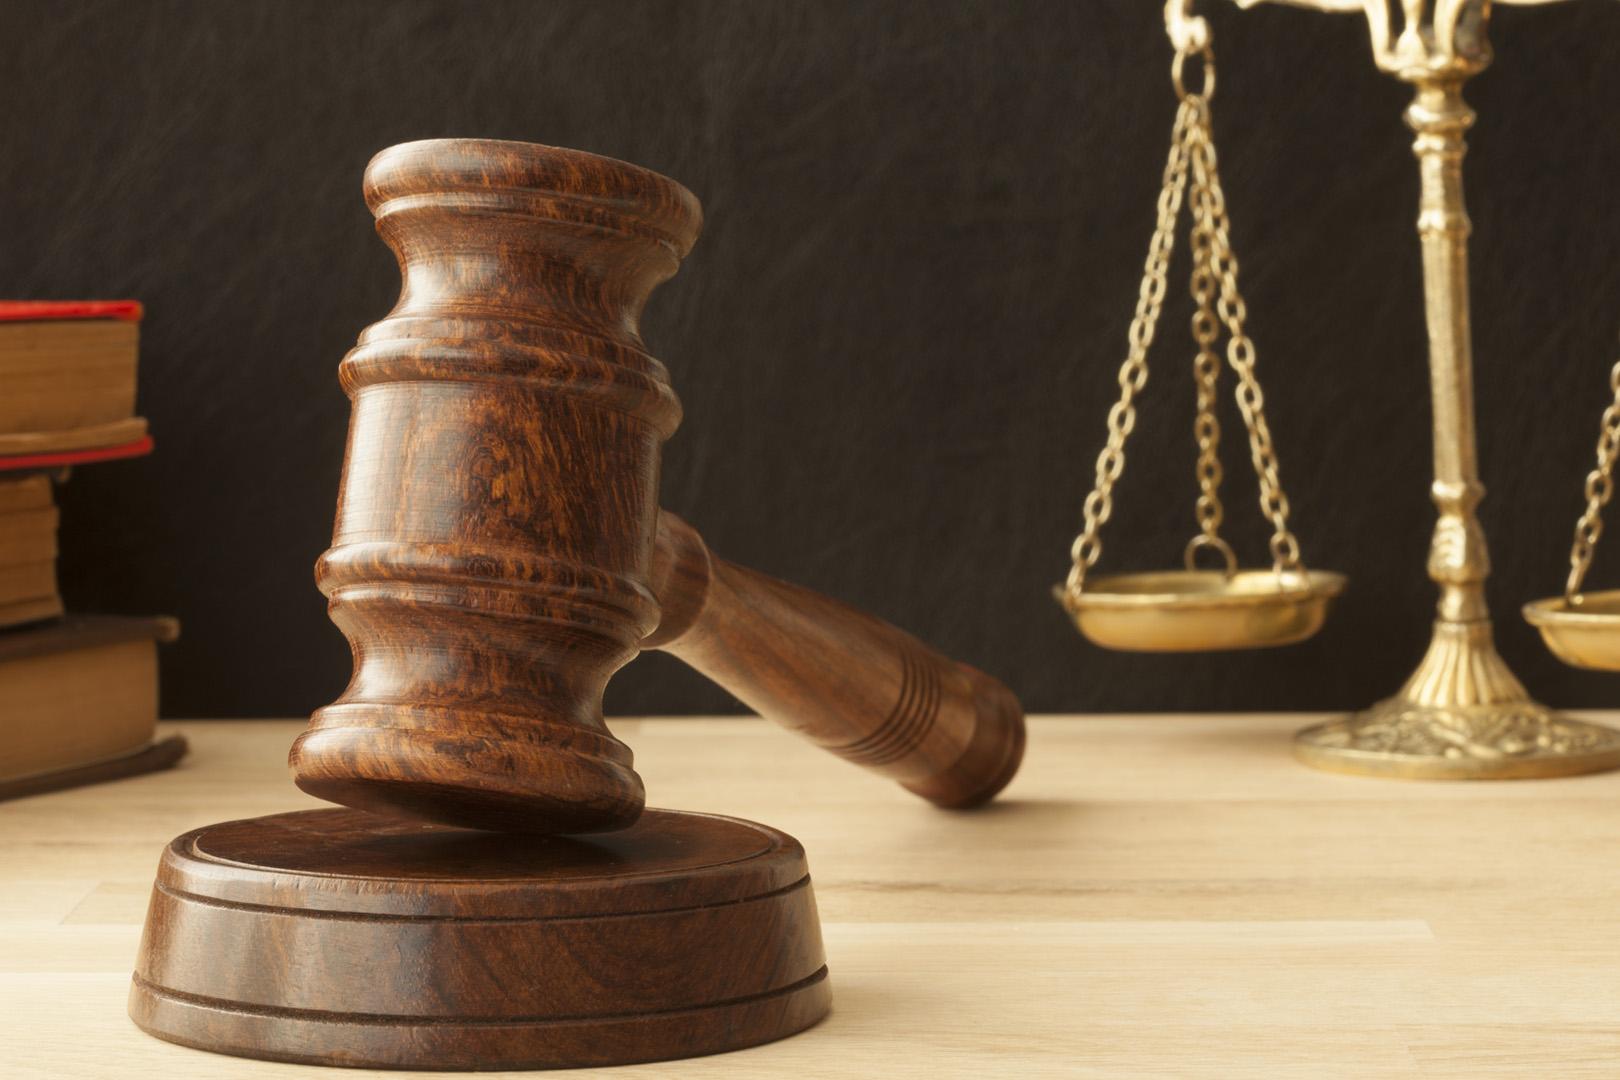 Estado deve ressarcir despesas processuais pagas por réu absolvido em ação civil pública